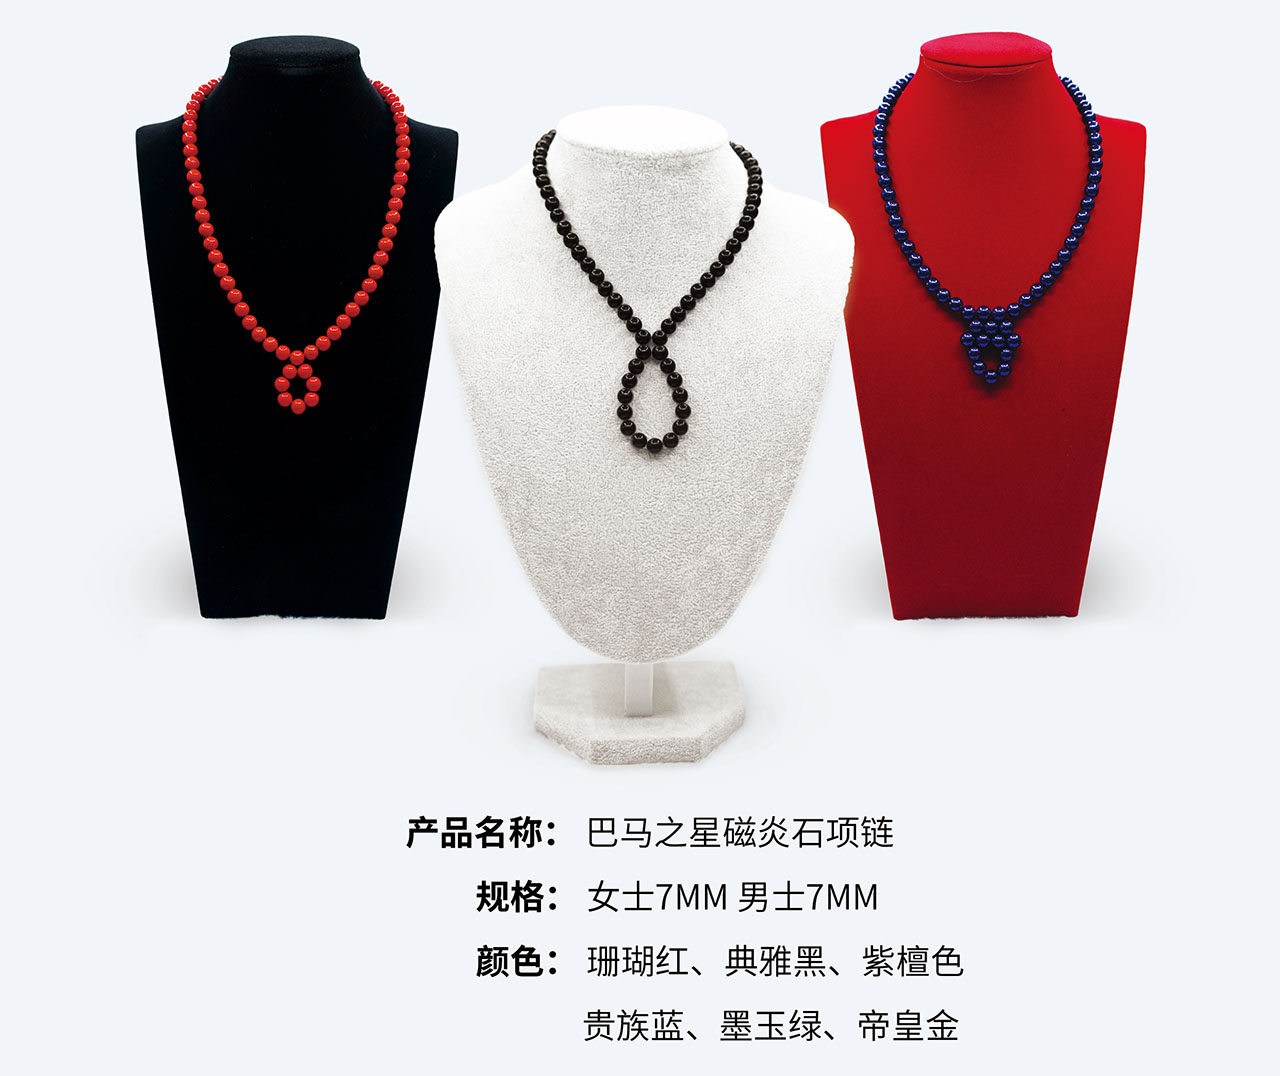 巴马之星提供养生珠宝购买批发价格